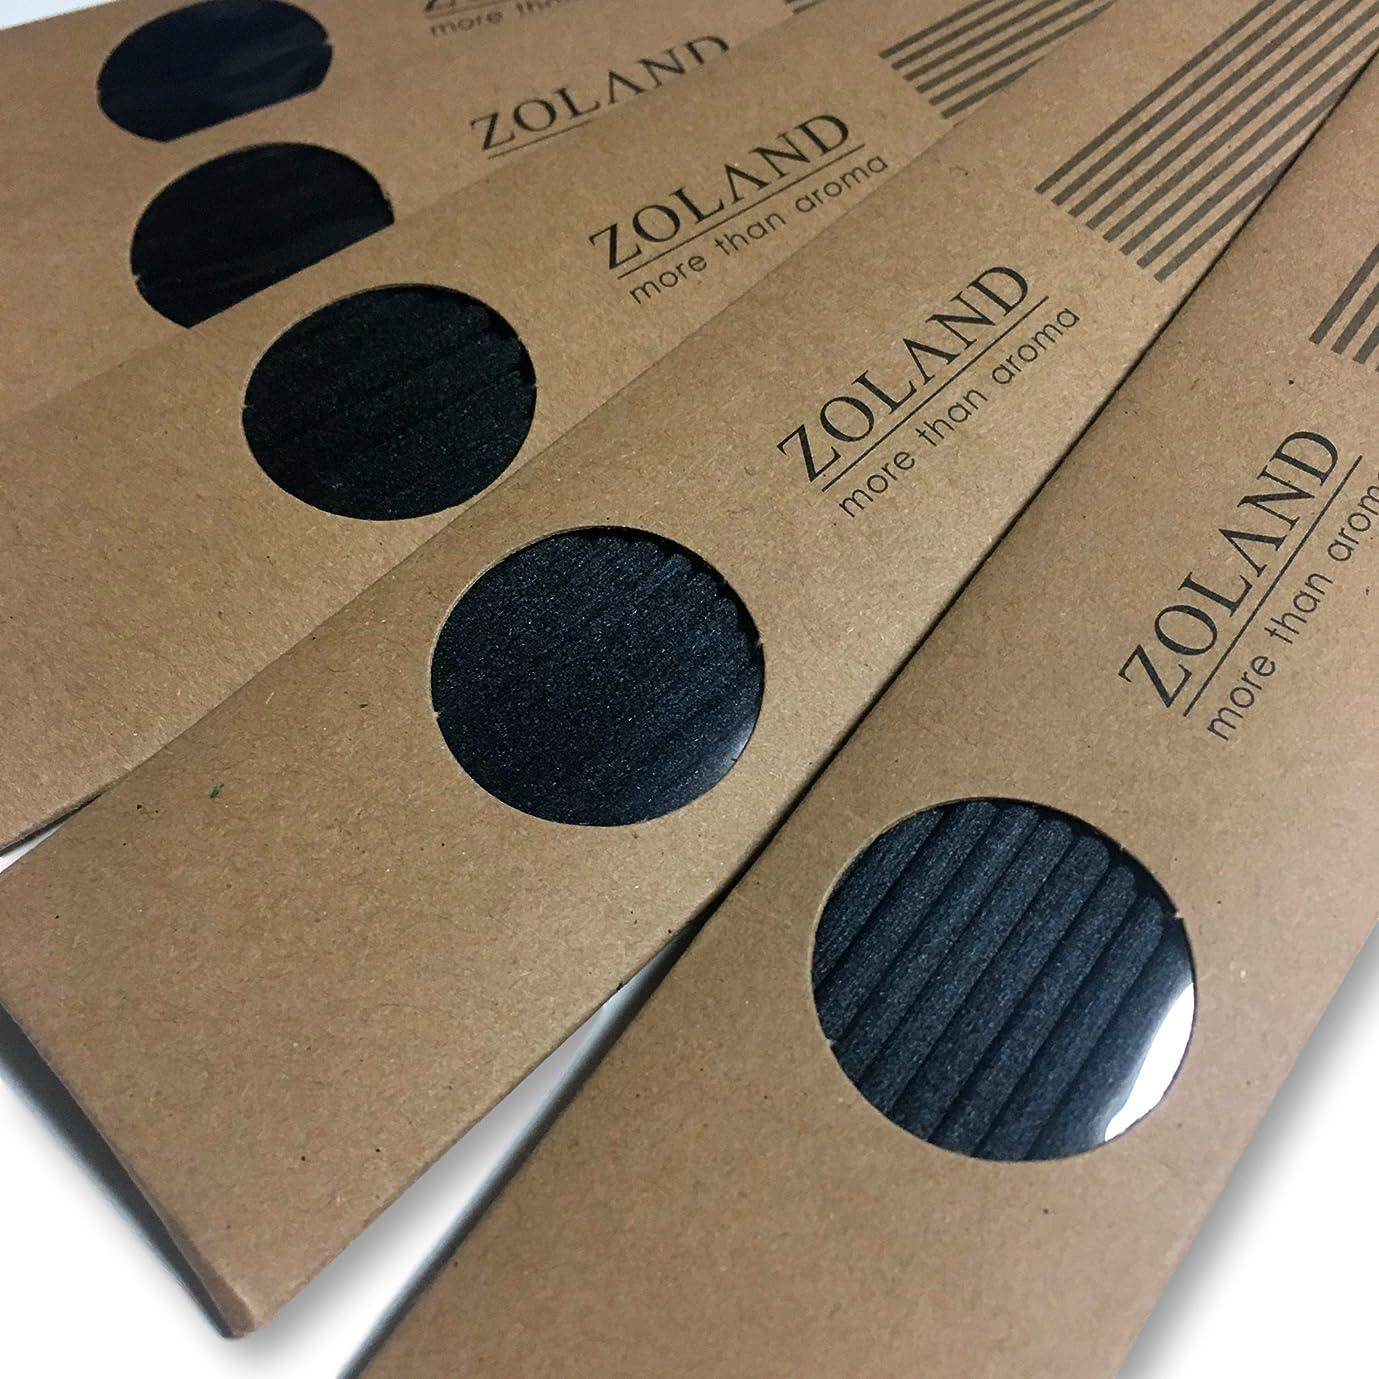 困難忌み嫌う上回る【YOLO】リードディフューザー 用 リフィル スティック/ブラック 24cm×3mm 10本入×5セット (ブラック)